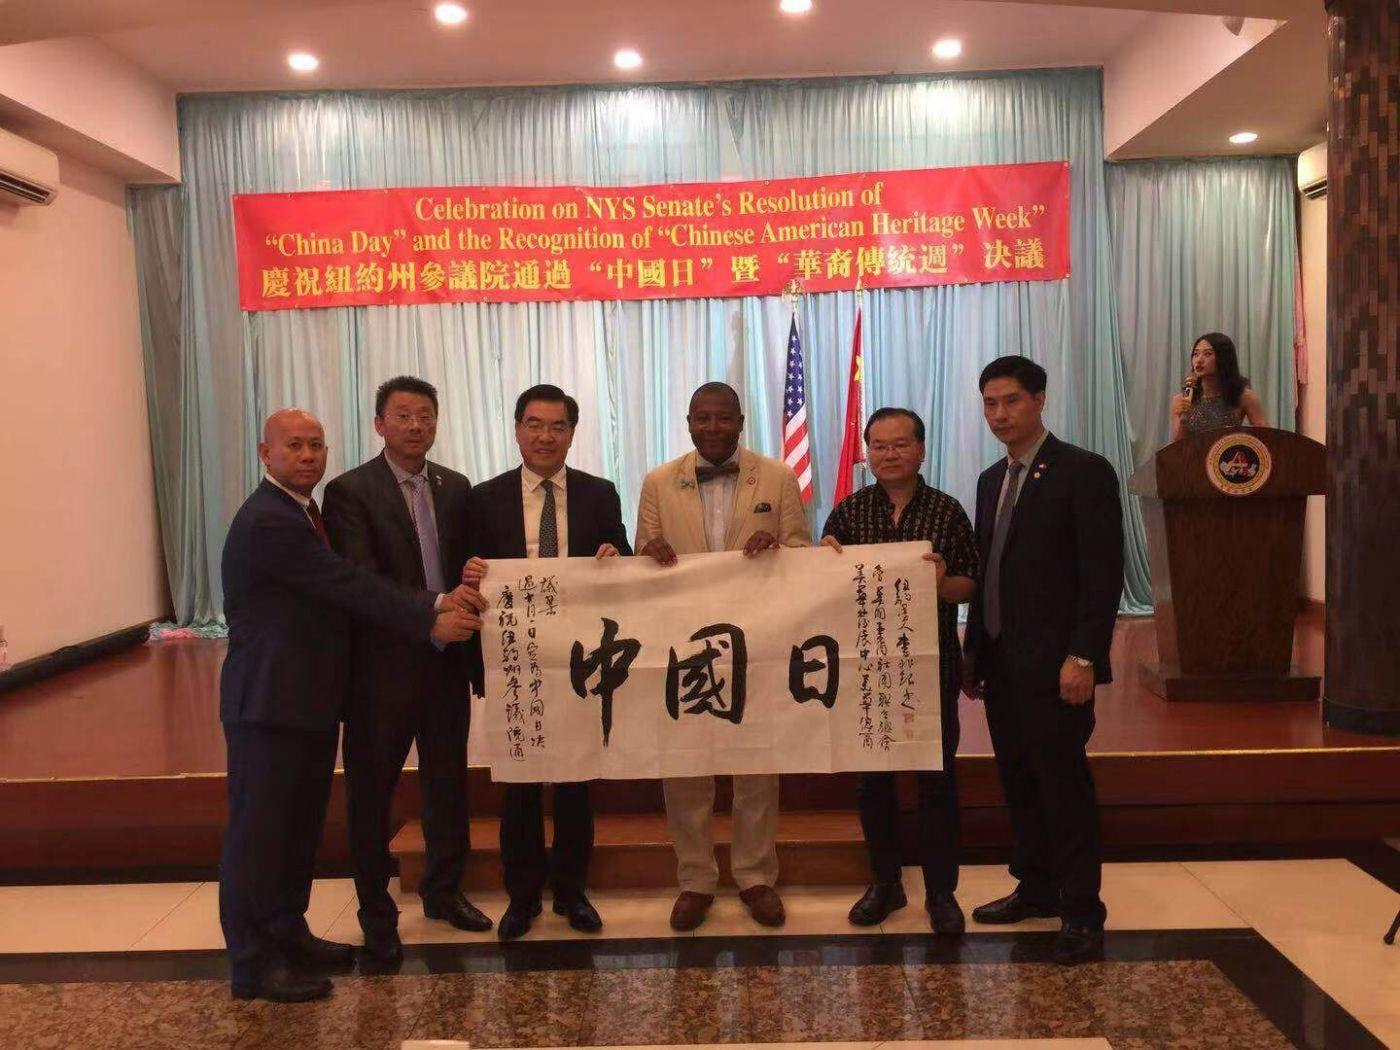 紐約州參議院通過「中國日」決議案慶祝会在紐約舉行_图1-35